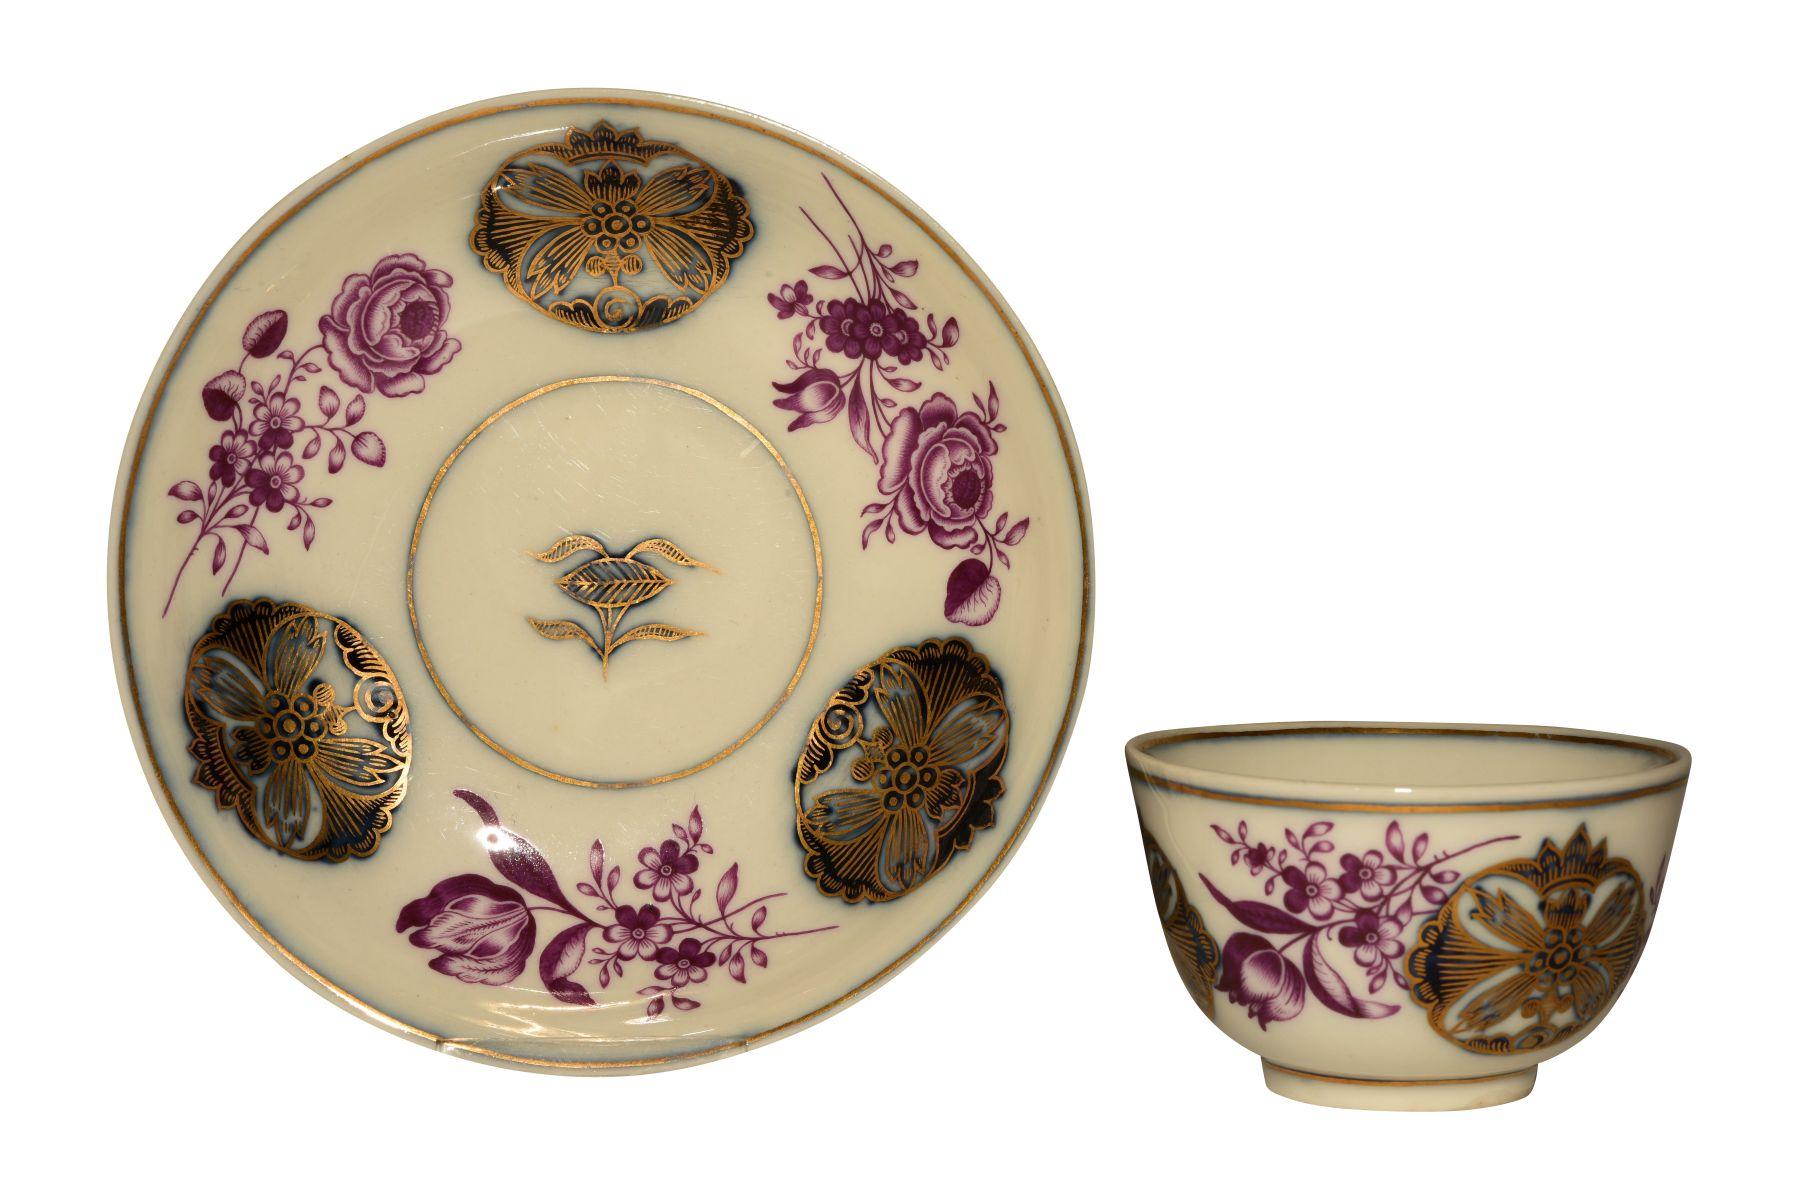 #64 Coupling with lower shell Meissen 1740 | Koppchen mit Unterschale Meissen 1740 Image